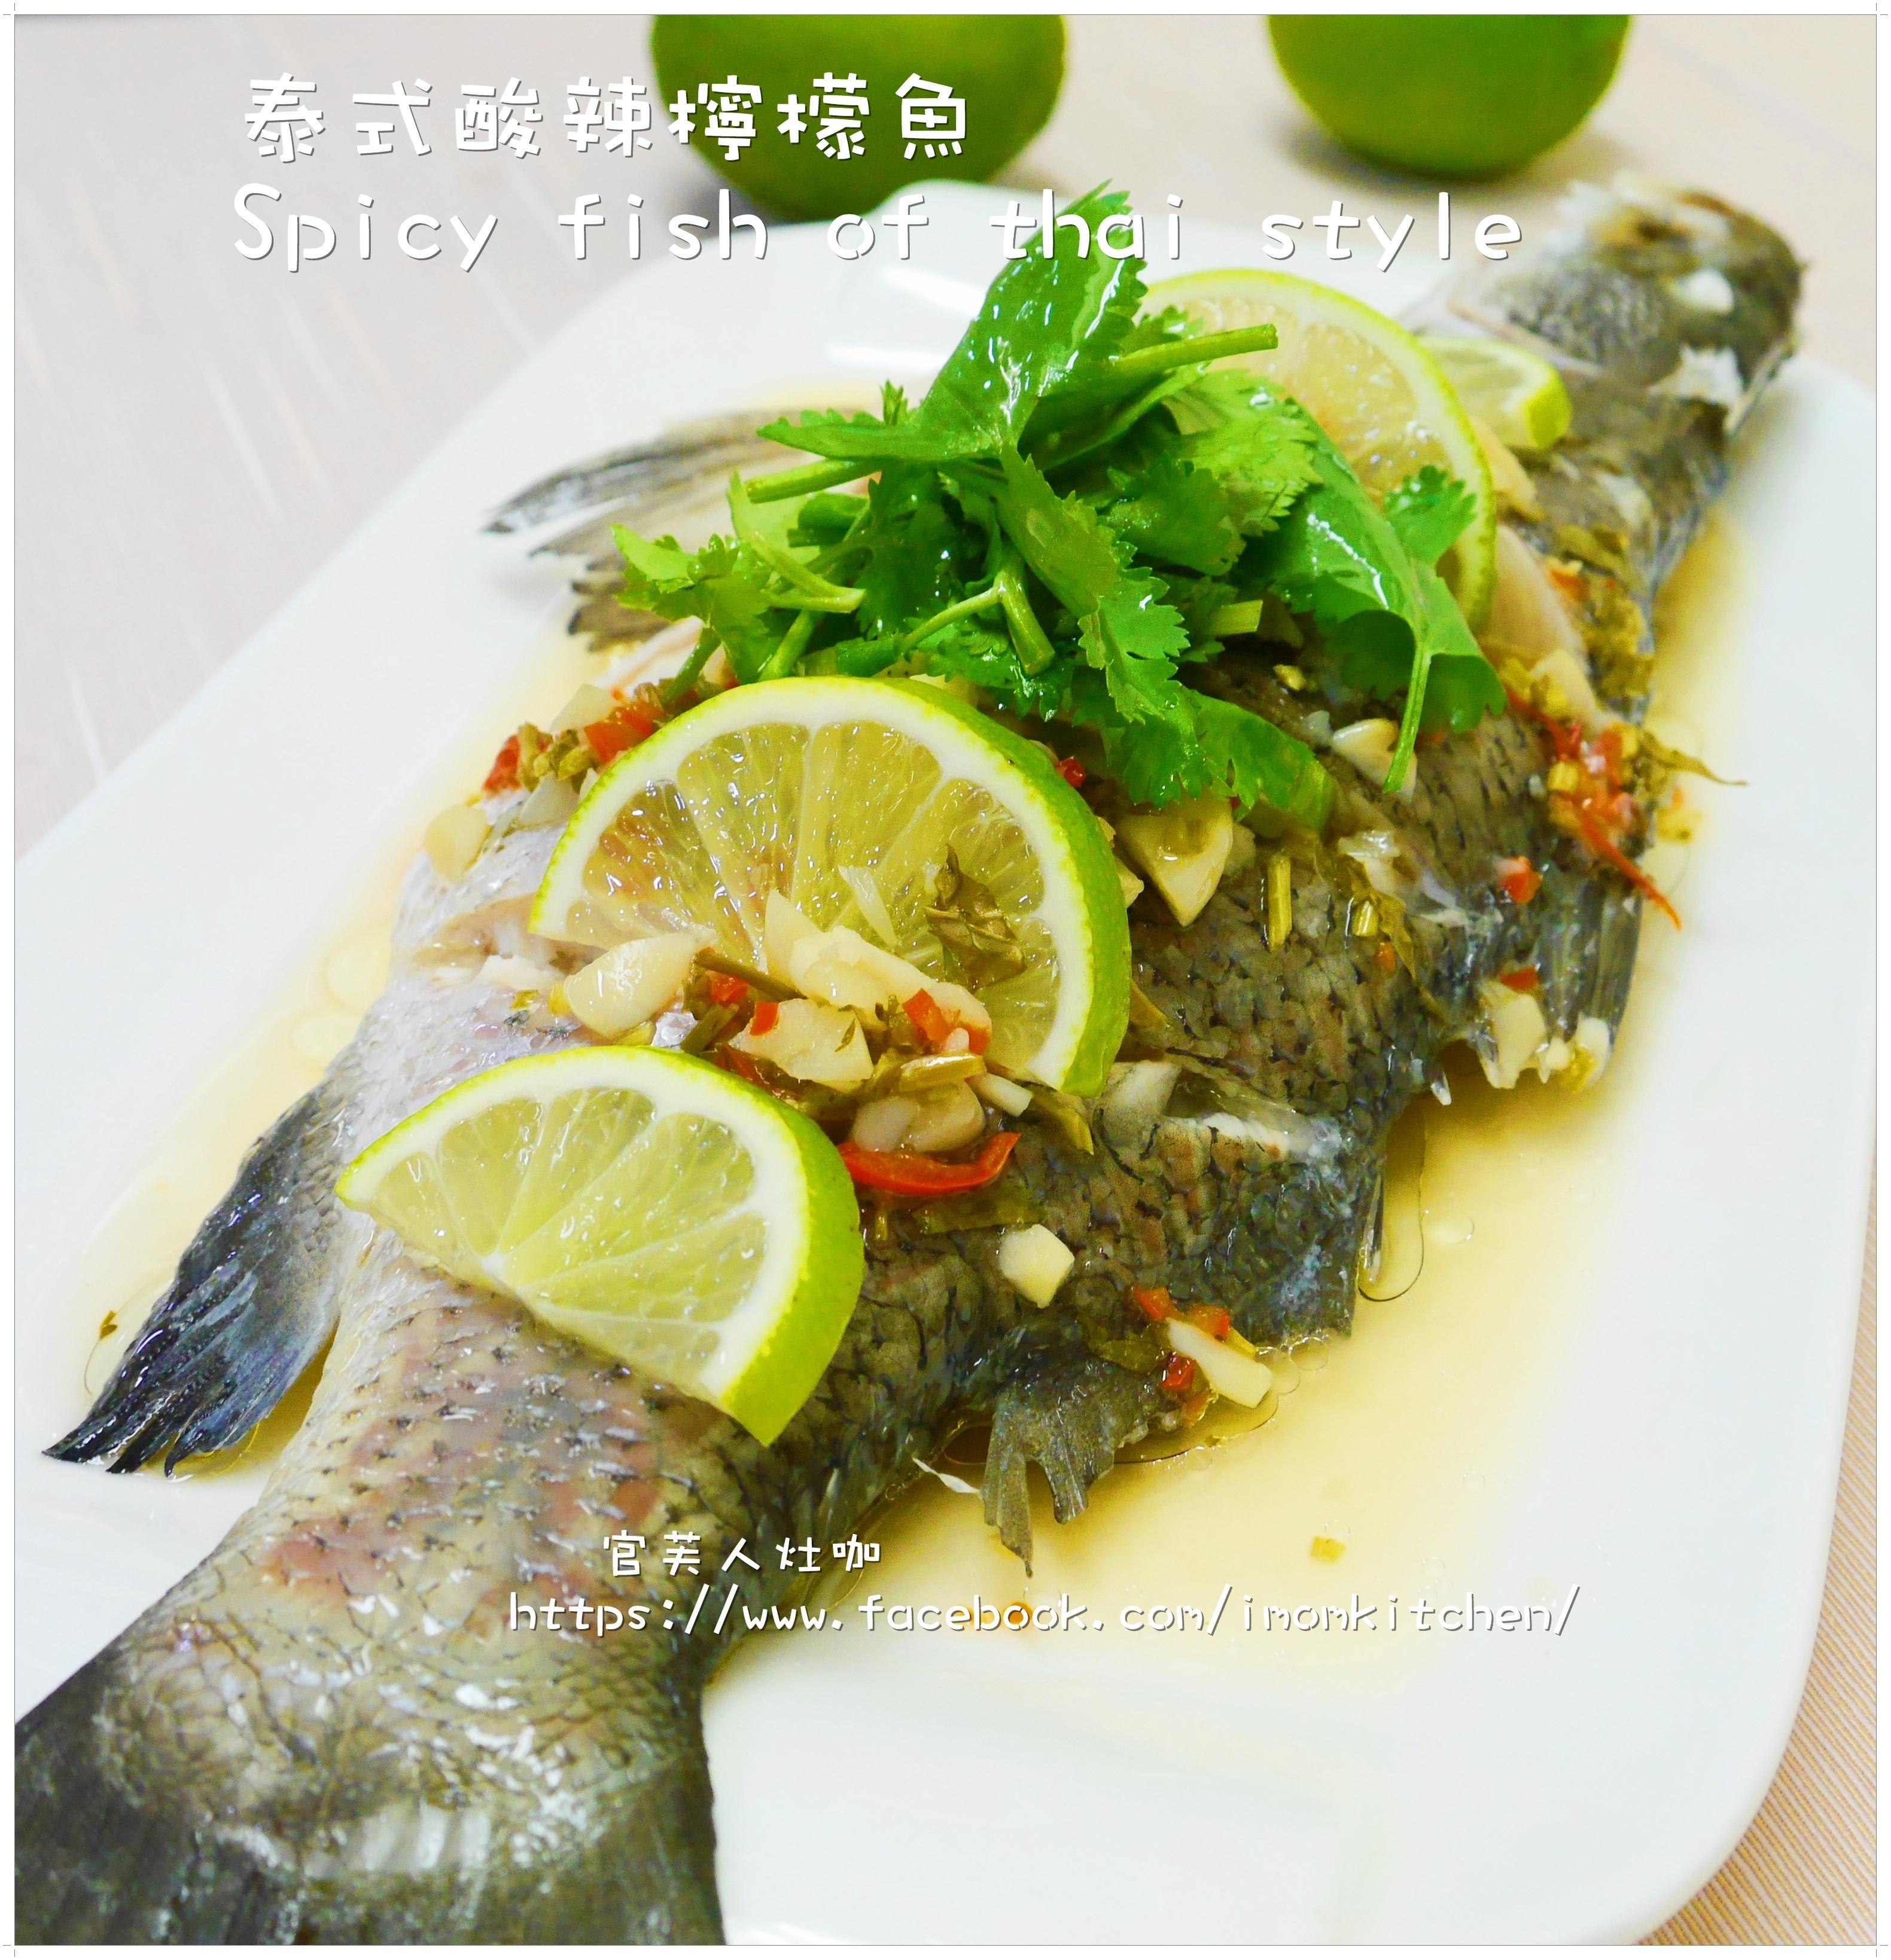 【泰式酸辣檸檬魚】電鍋蒸煮料理